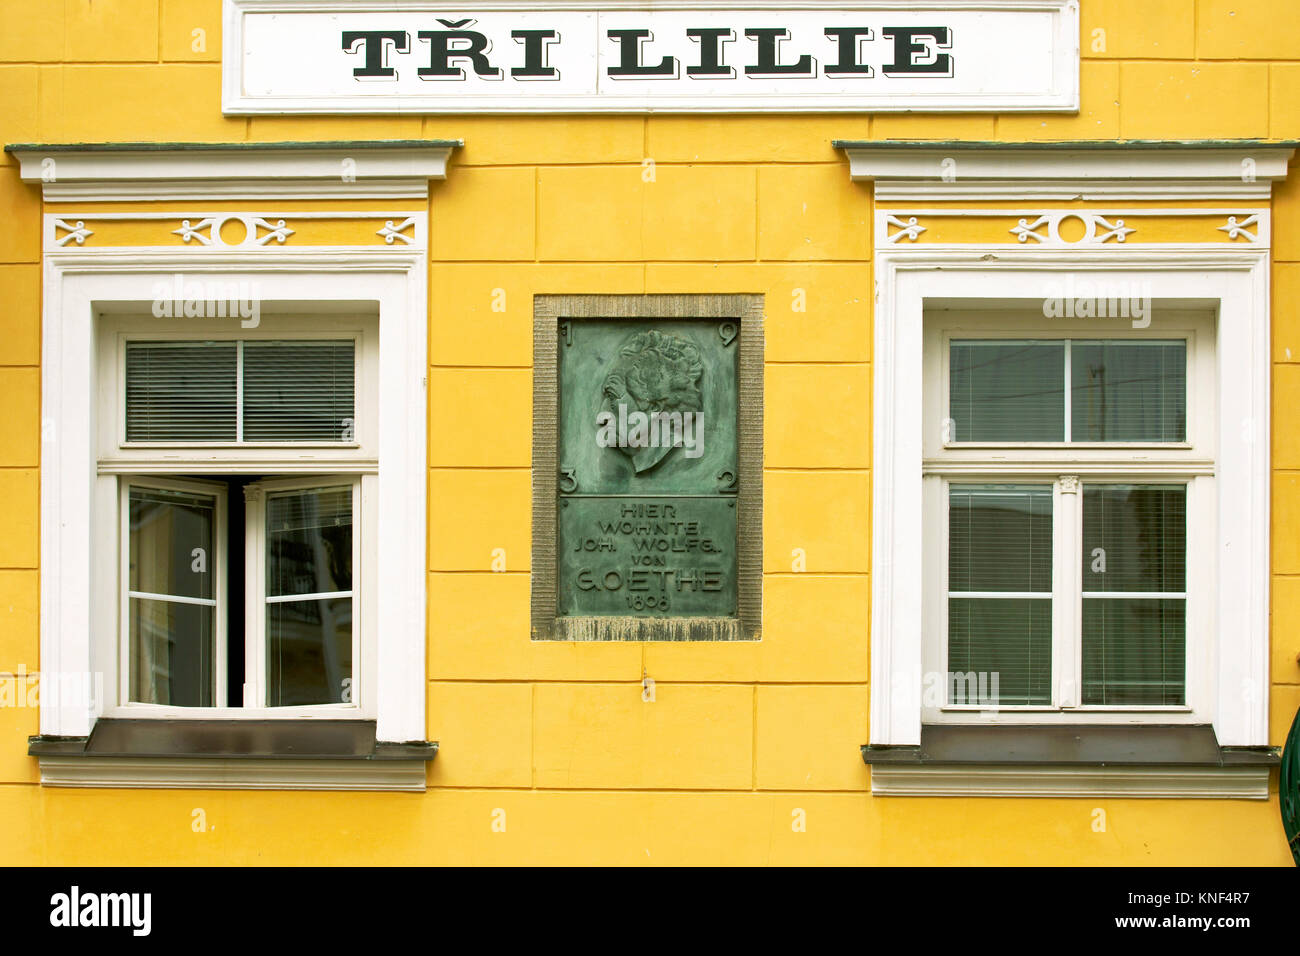 Tschechien, Böhmen: Franzensbad, Norodni Tr., Nationalstrasse, Fassade des Hotel Tri Lilie mit der Gedenktafel Stockbild